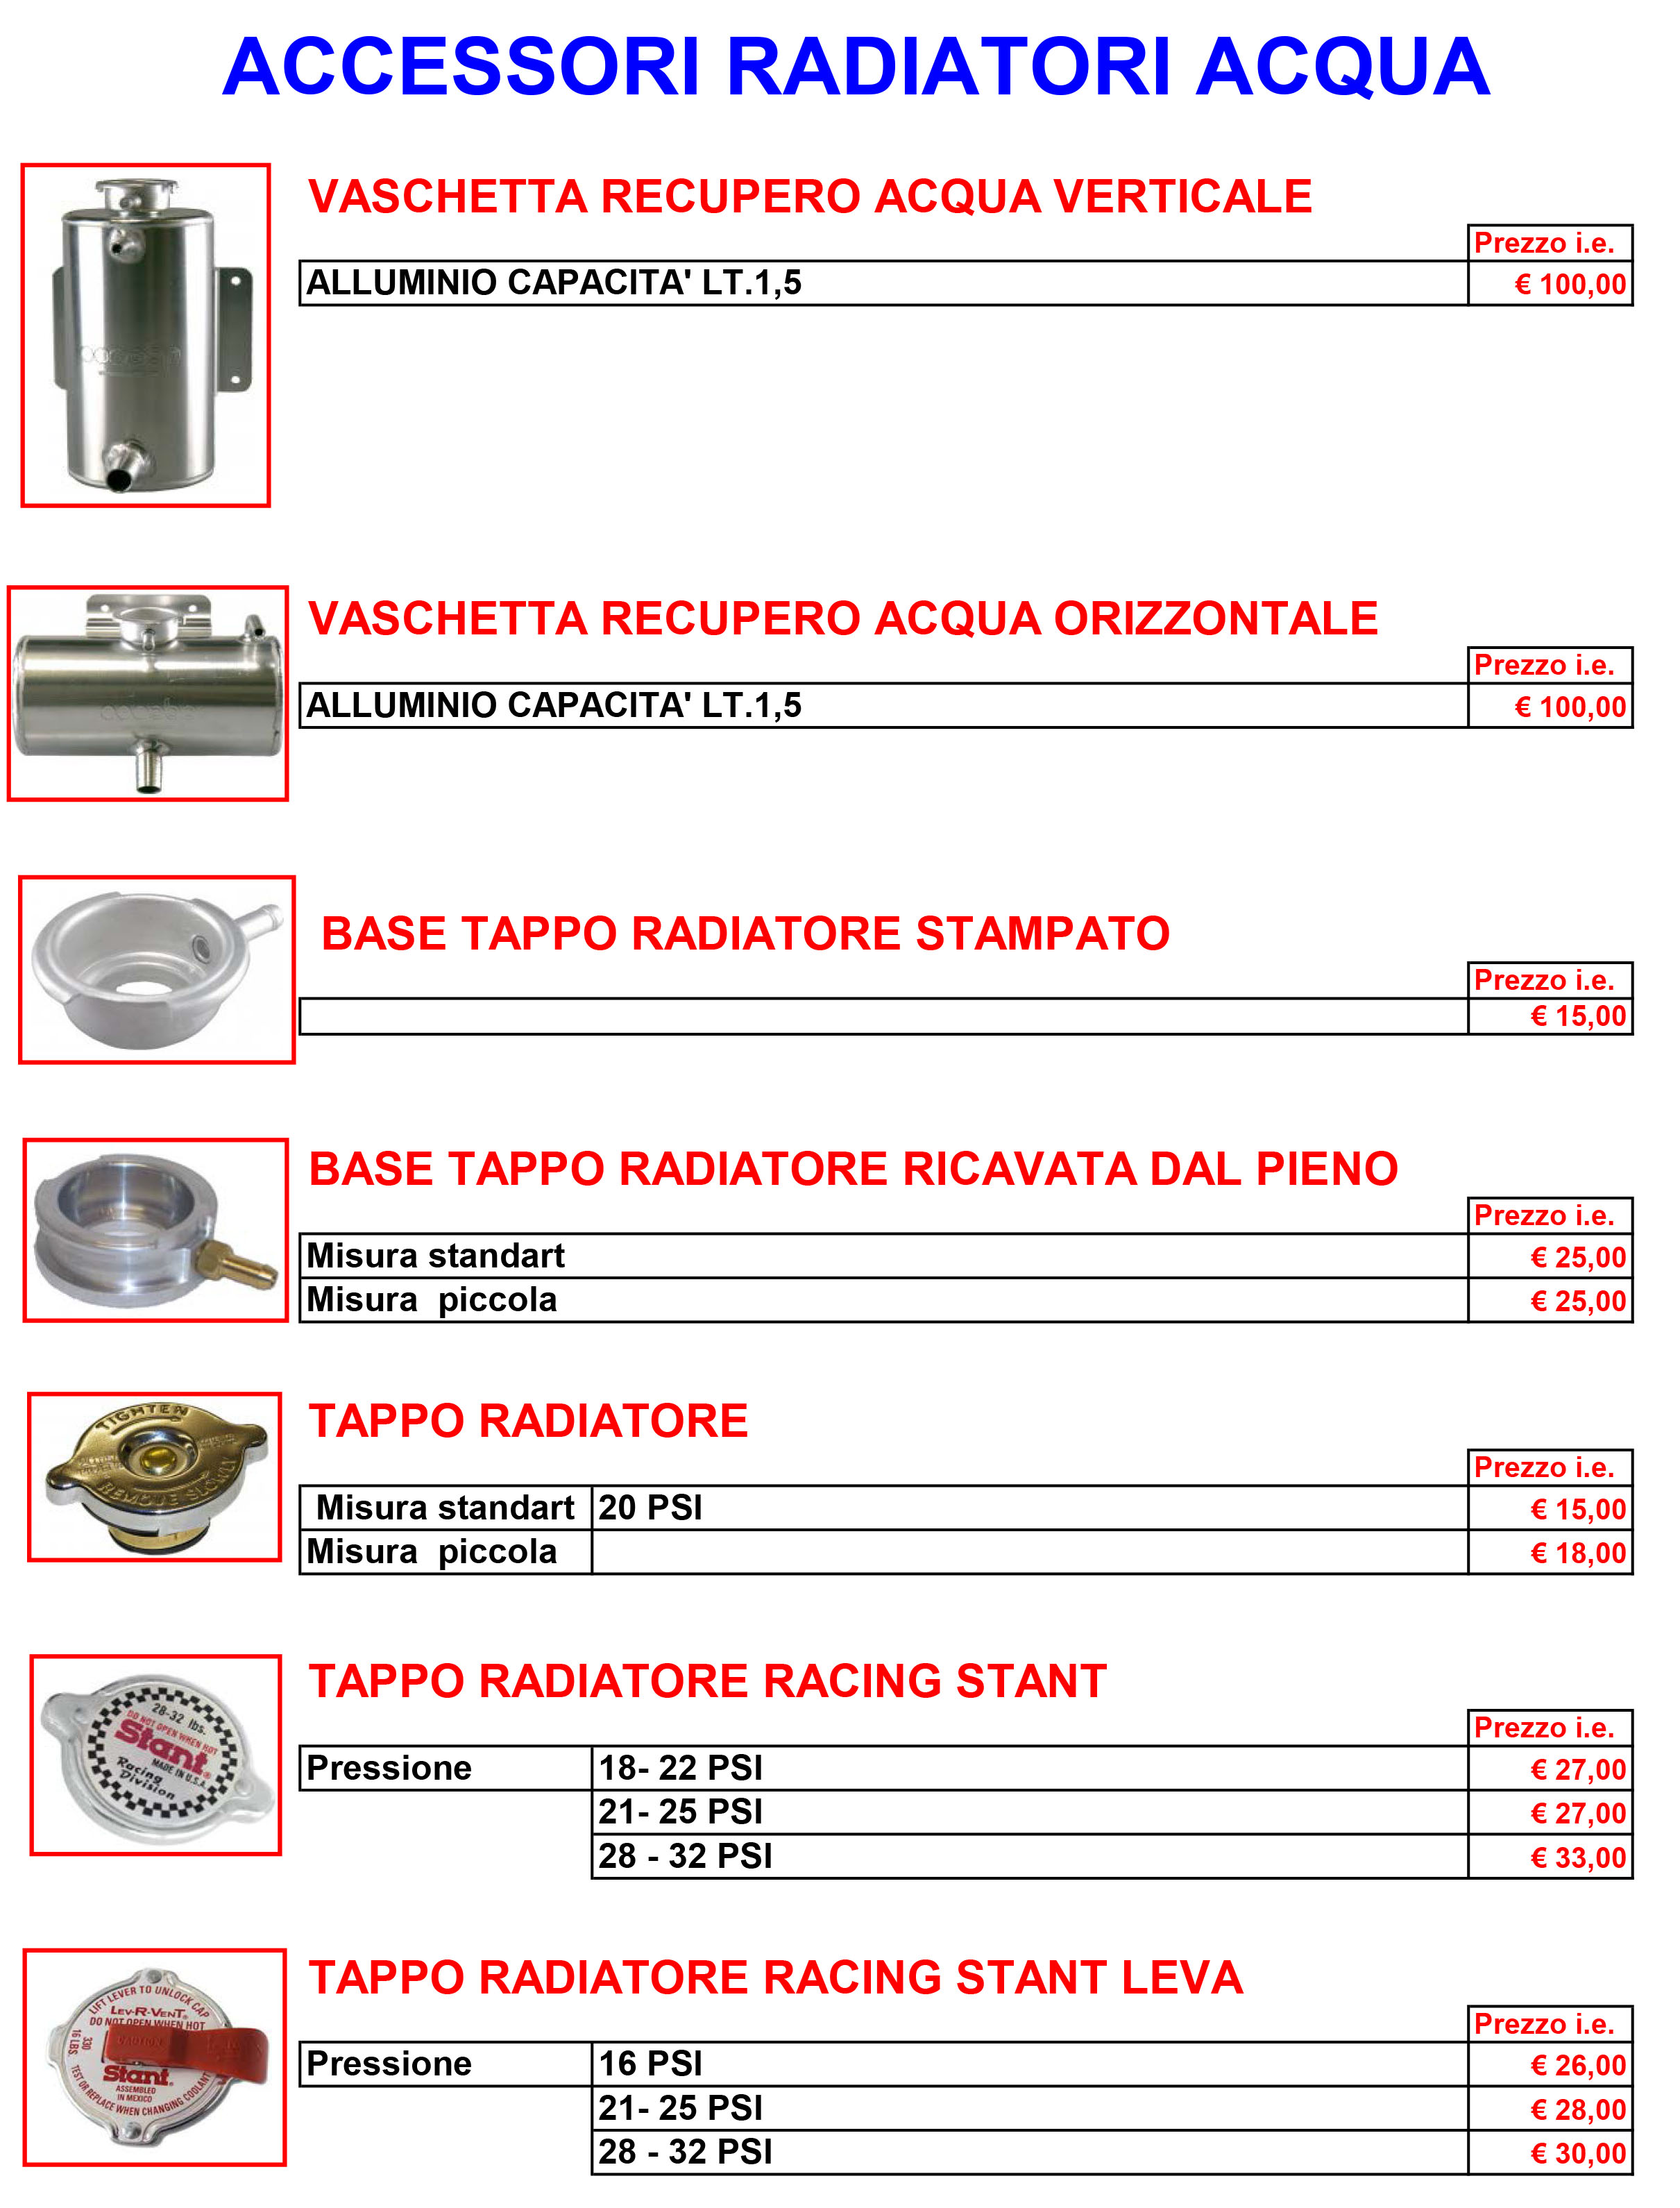 vaschette acqua e accessori -1